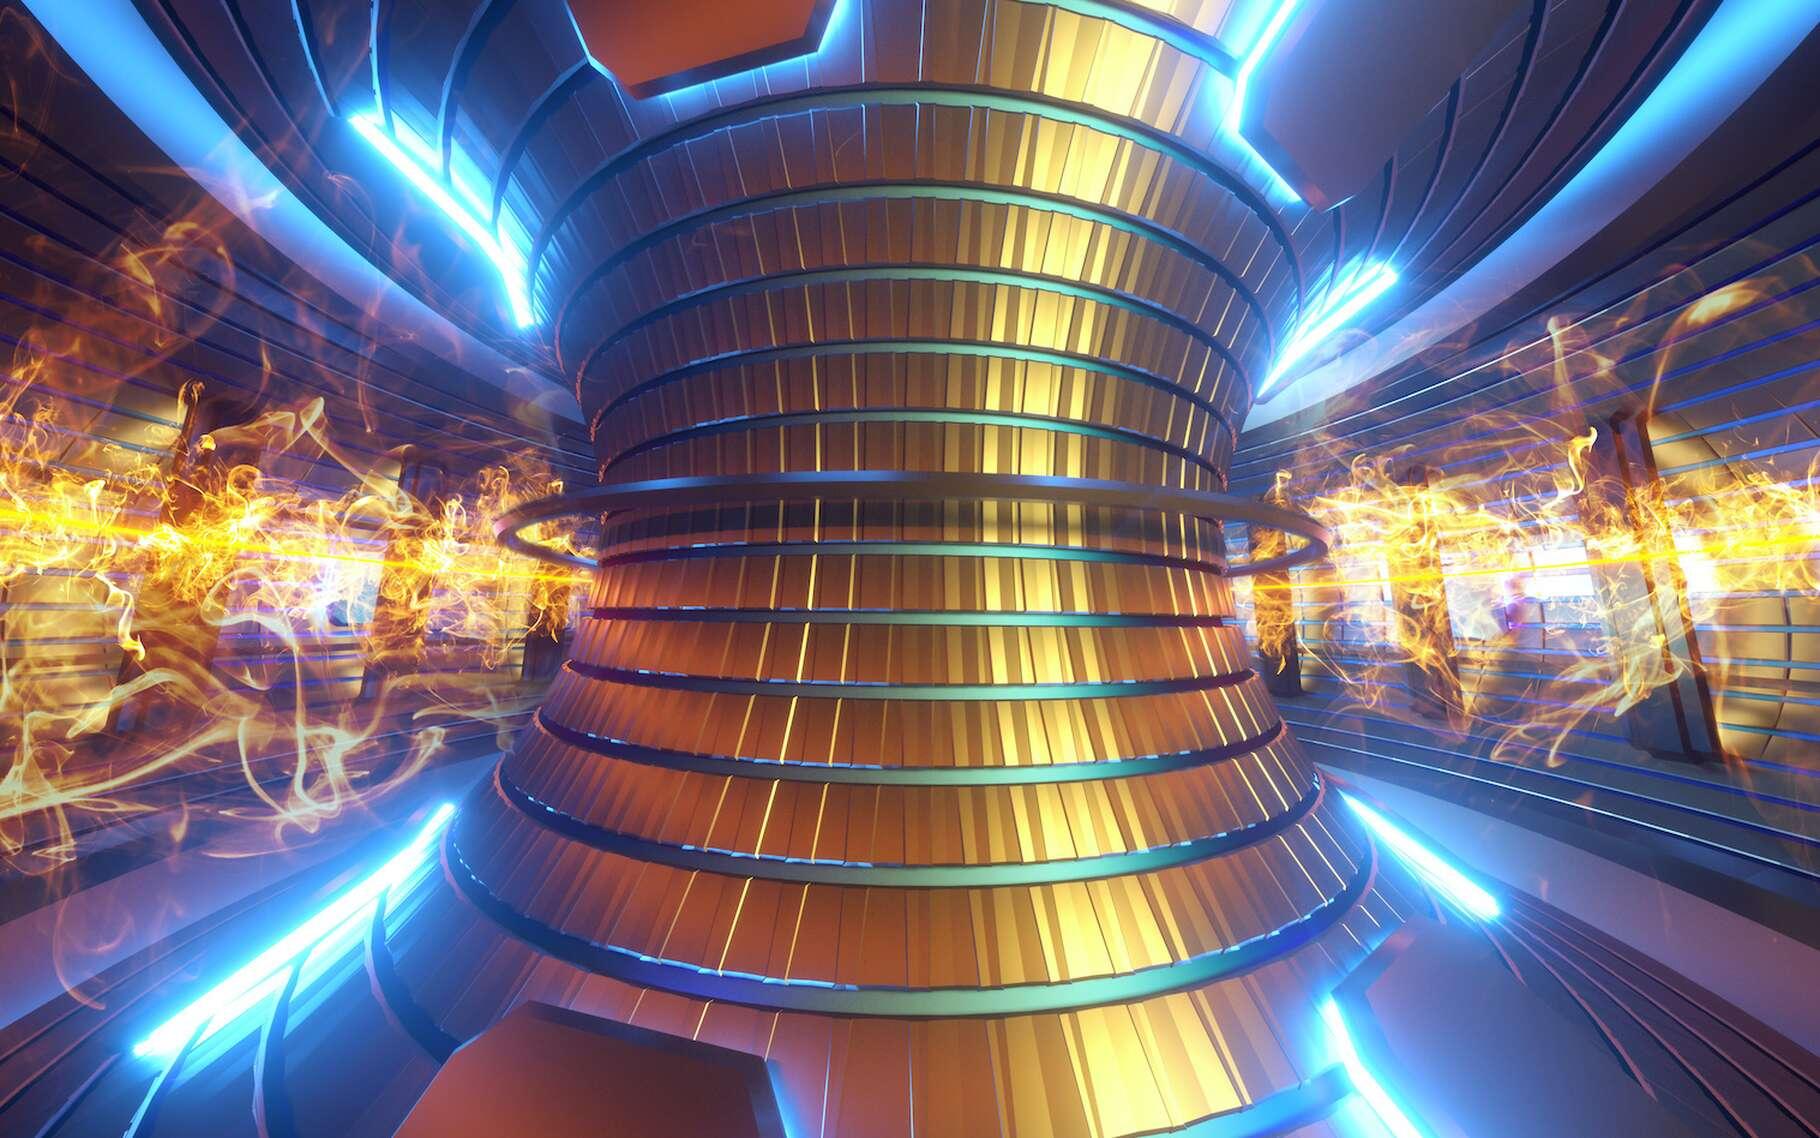 Un réacteur à fusion nucléaire pourrait fournir une énergie propre, décarbonée et quasi illimitée. © Aliaksandr Marko, Adobe Stock